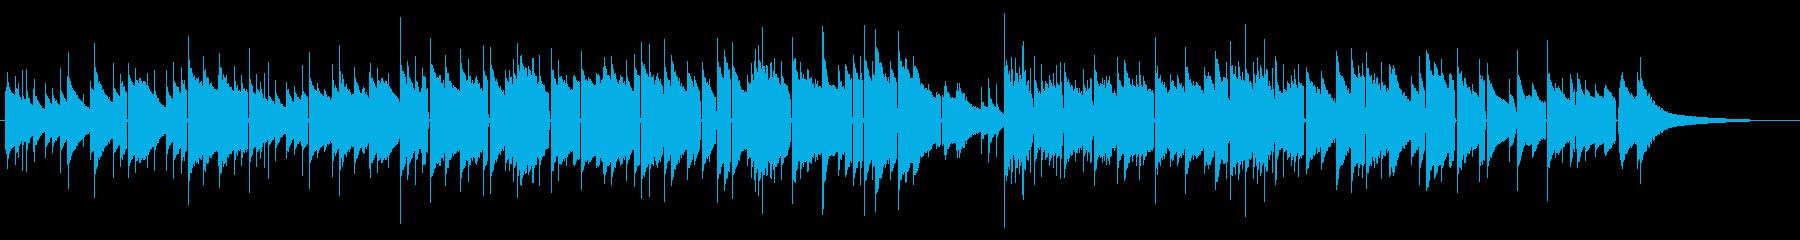 オルゴールの優しいメロディ 泣けるBGMの再生済みの波形